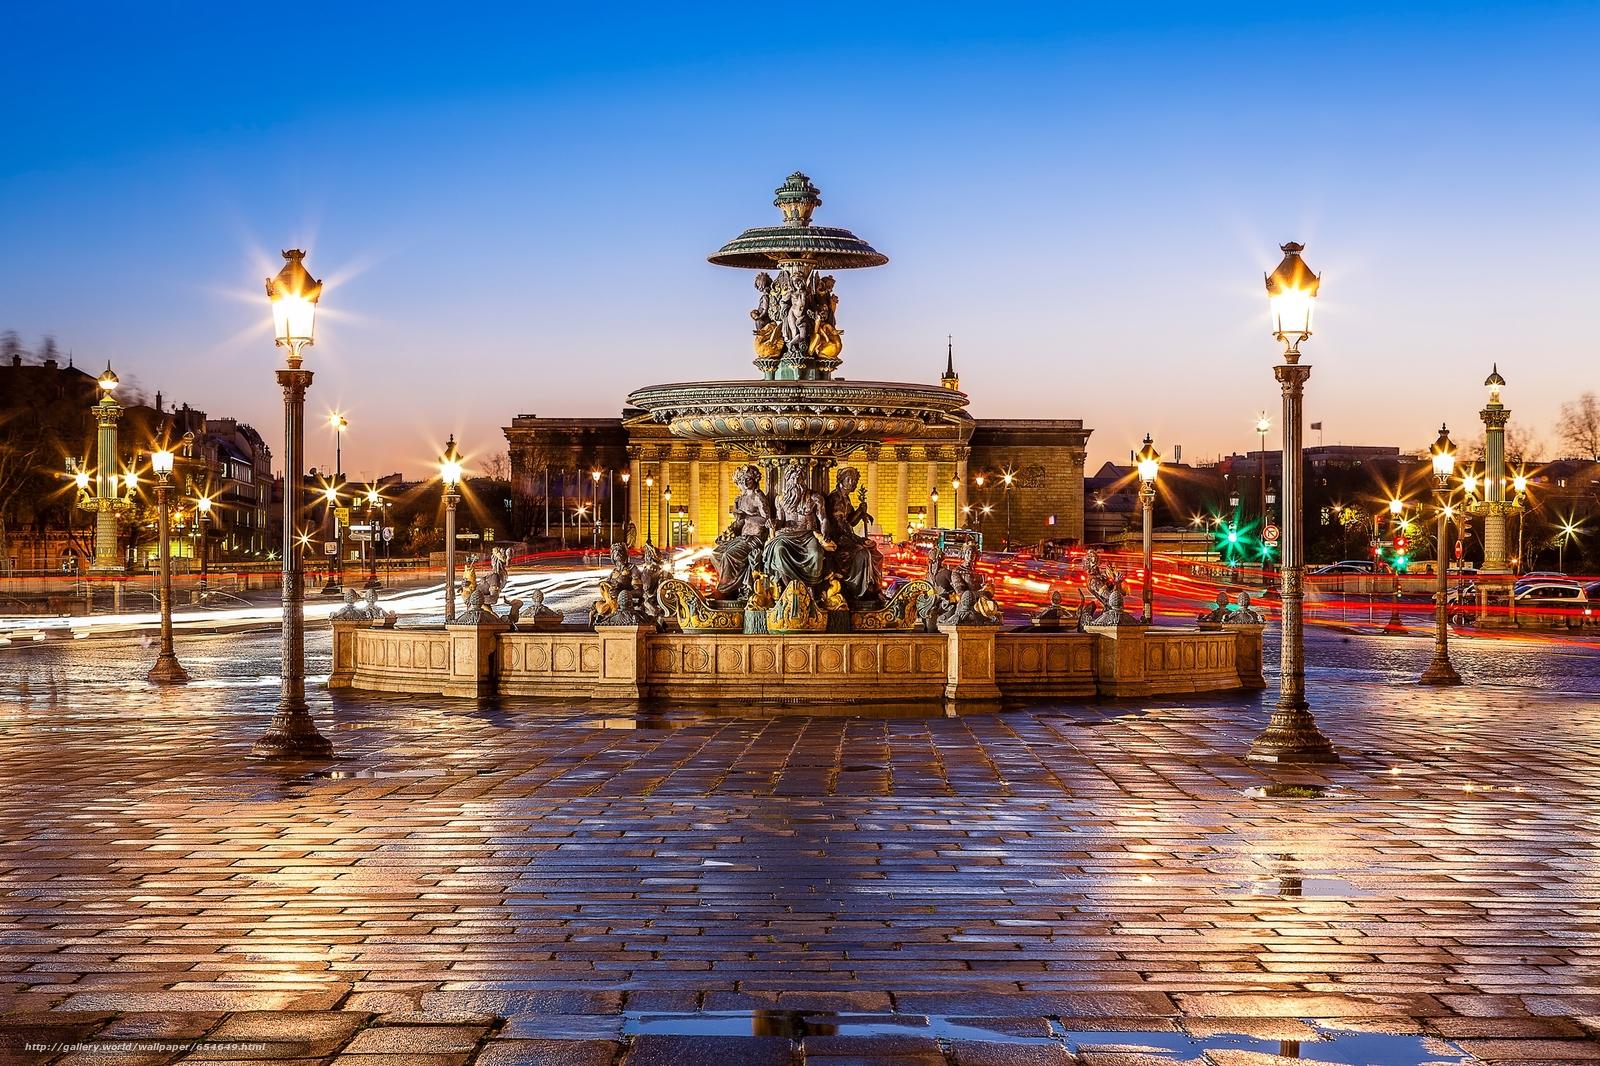 Скачать обои Paris,  France,  Париж,  Франция бесплатно для рабочего стола в разрешении 2048x1365 — картинка №654649